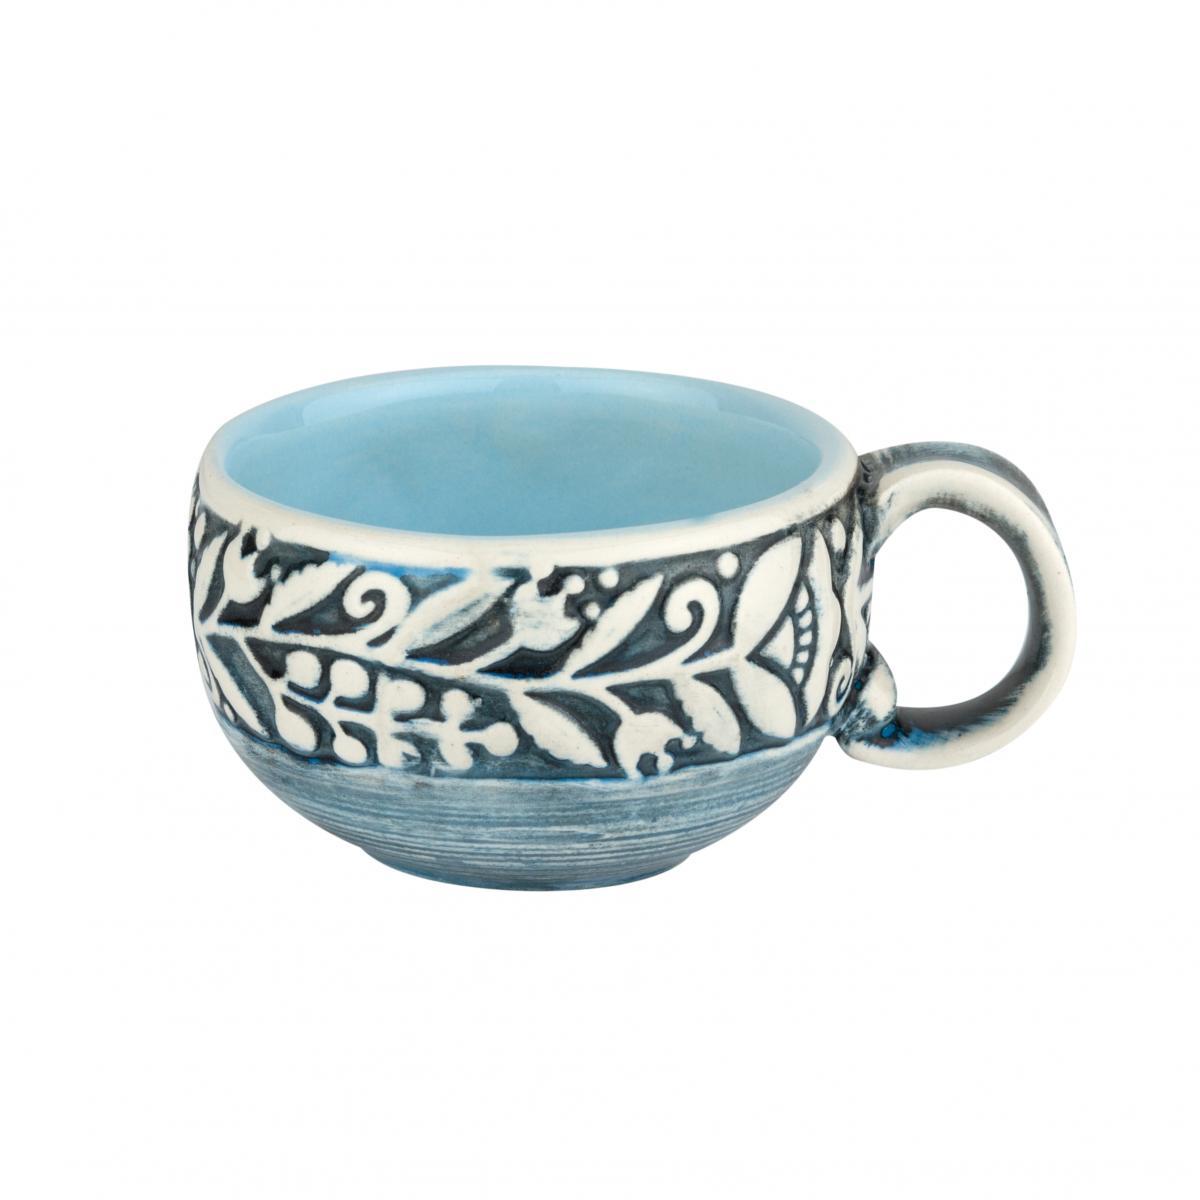 Чашка голуба 300 мл. Фото №2. | Народний дім Україна